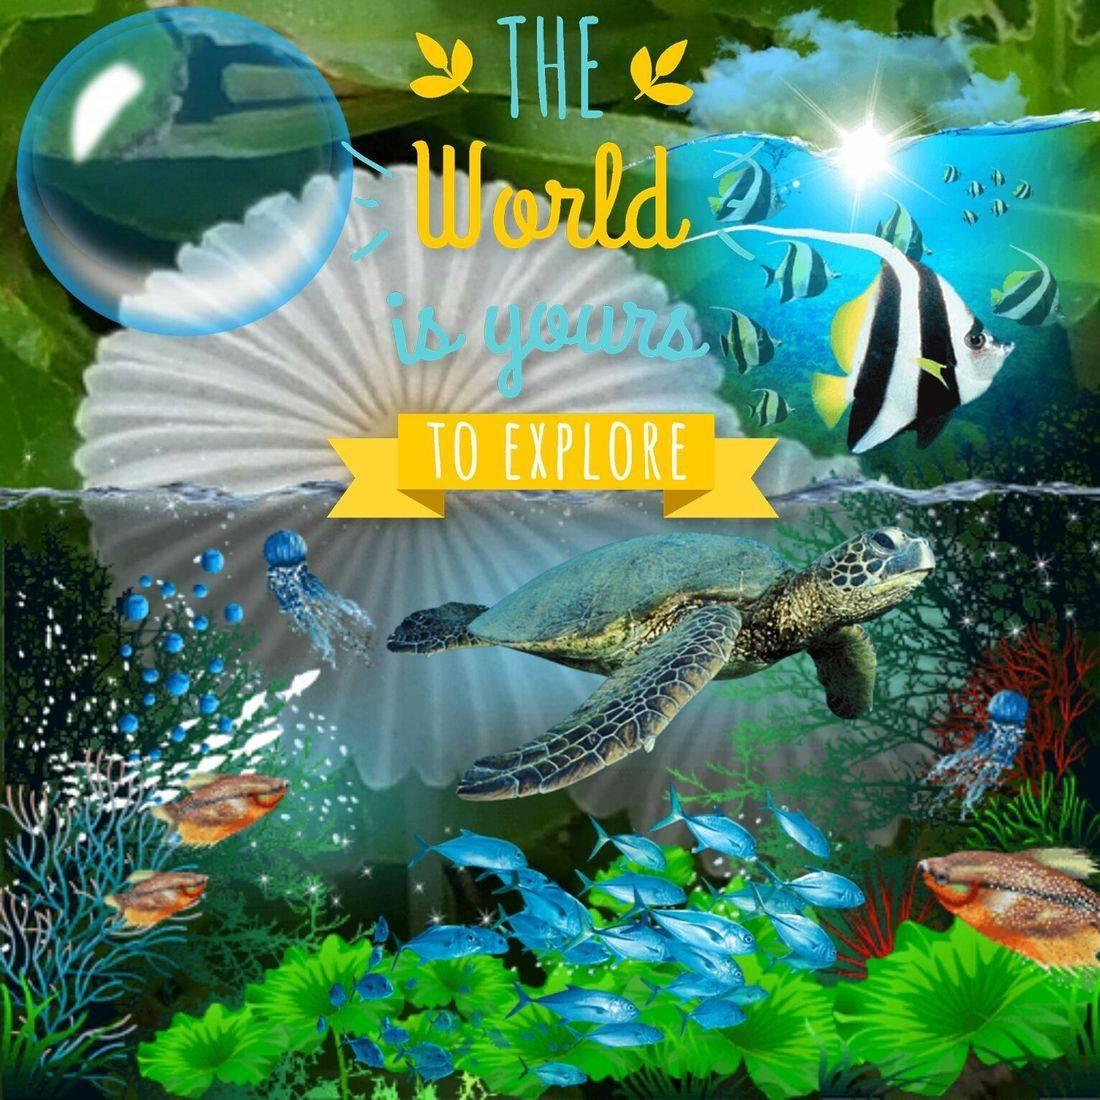 Various marine animals